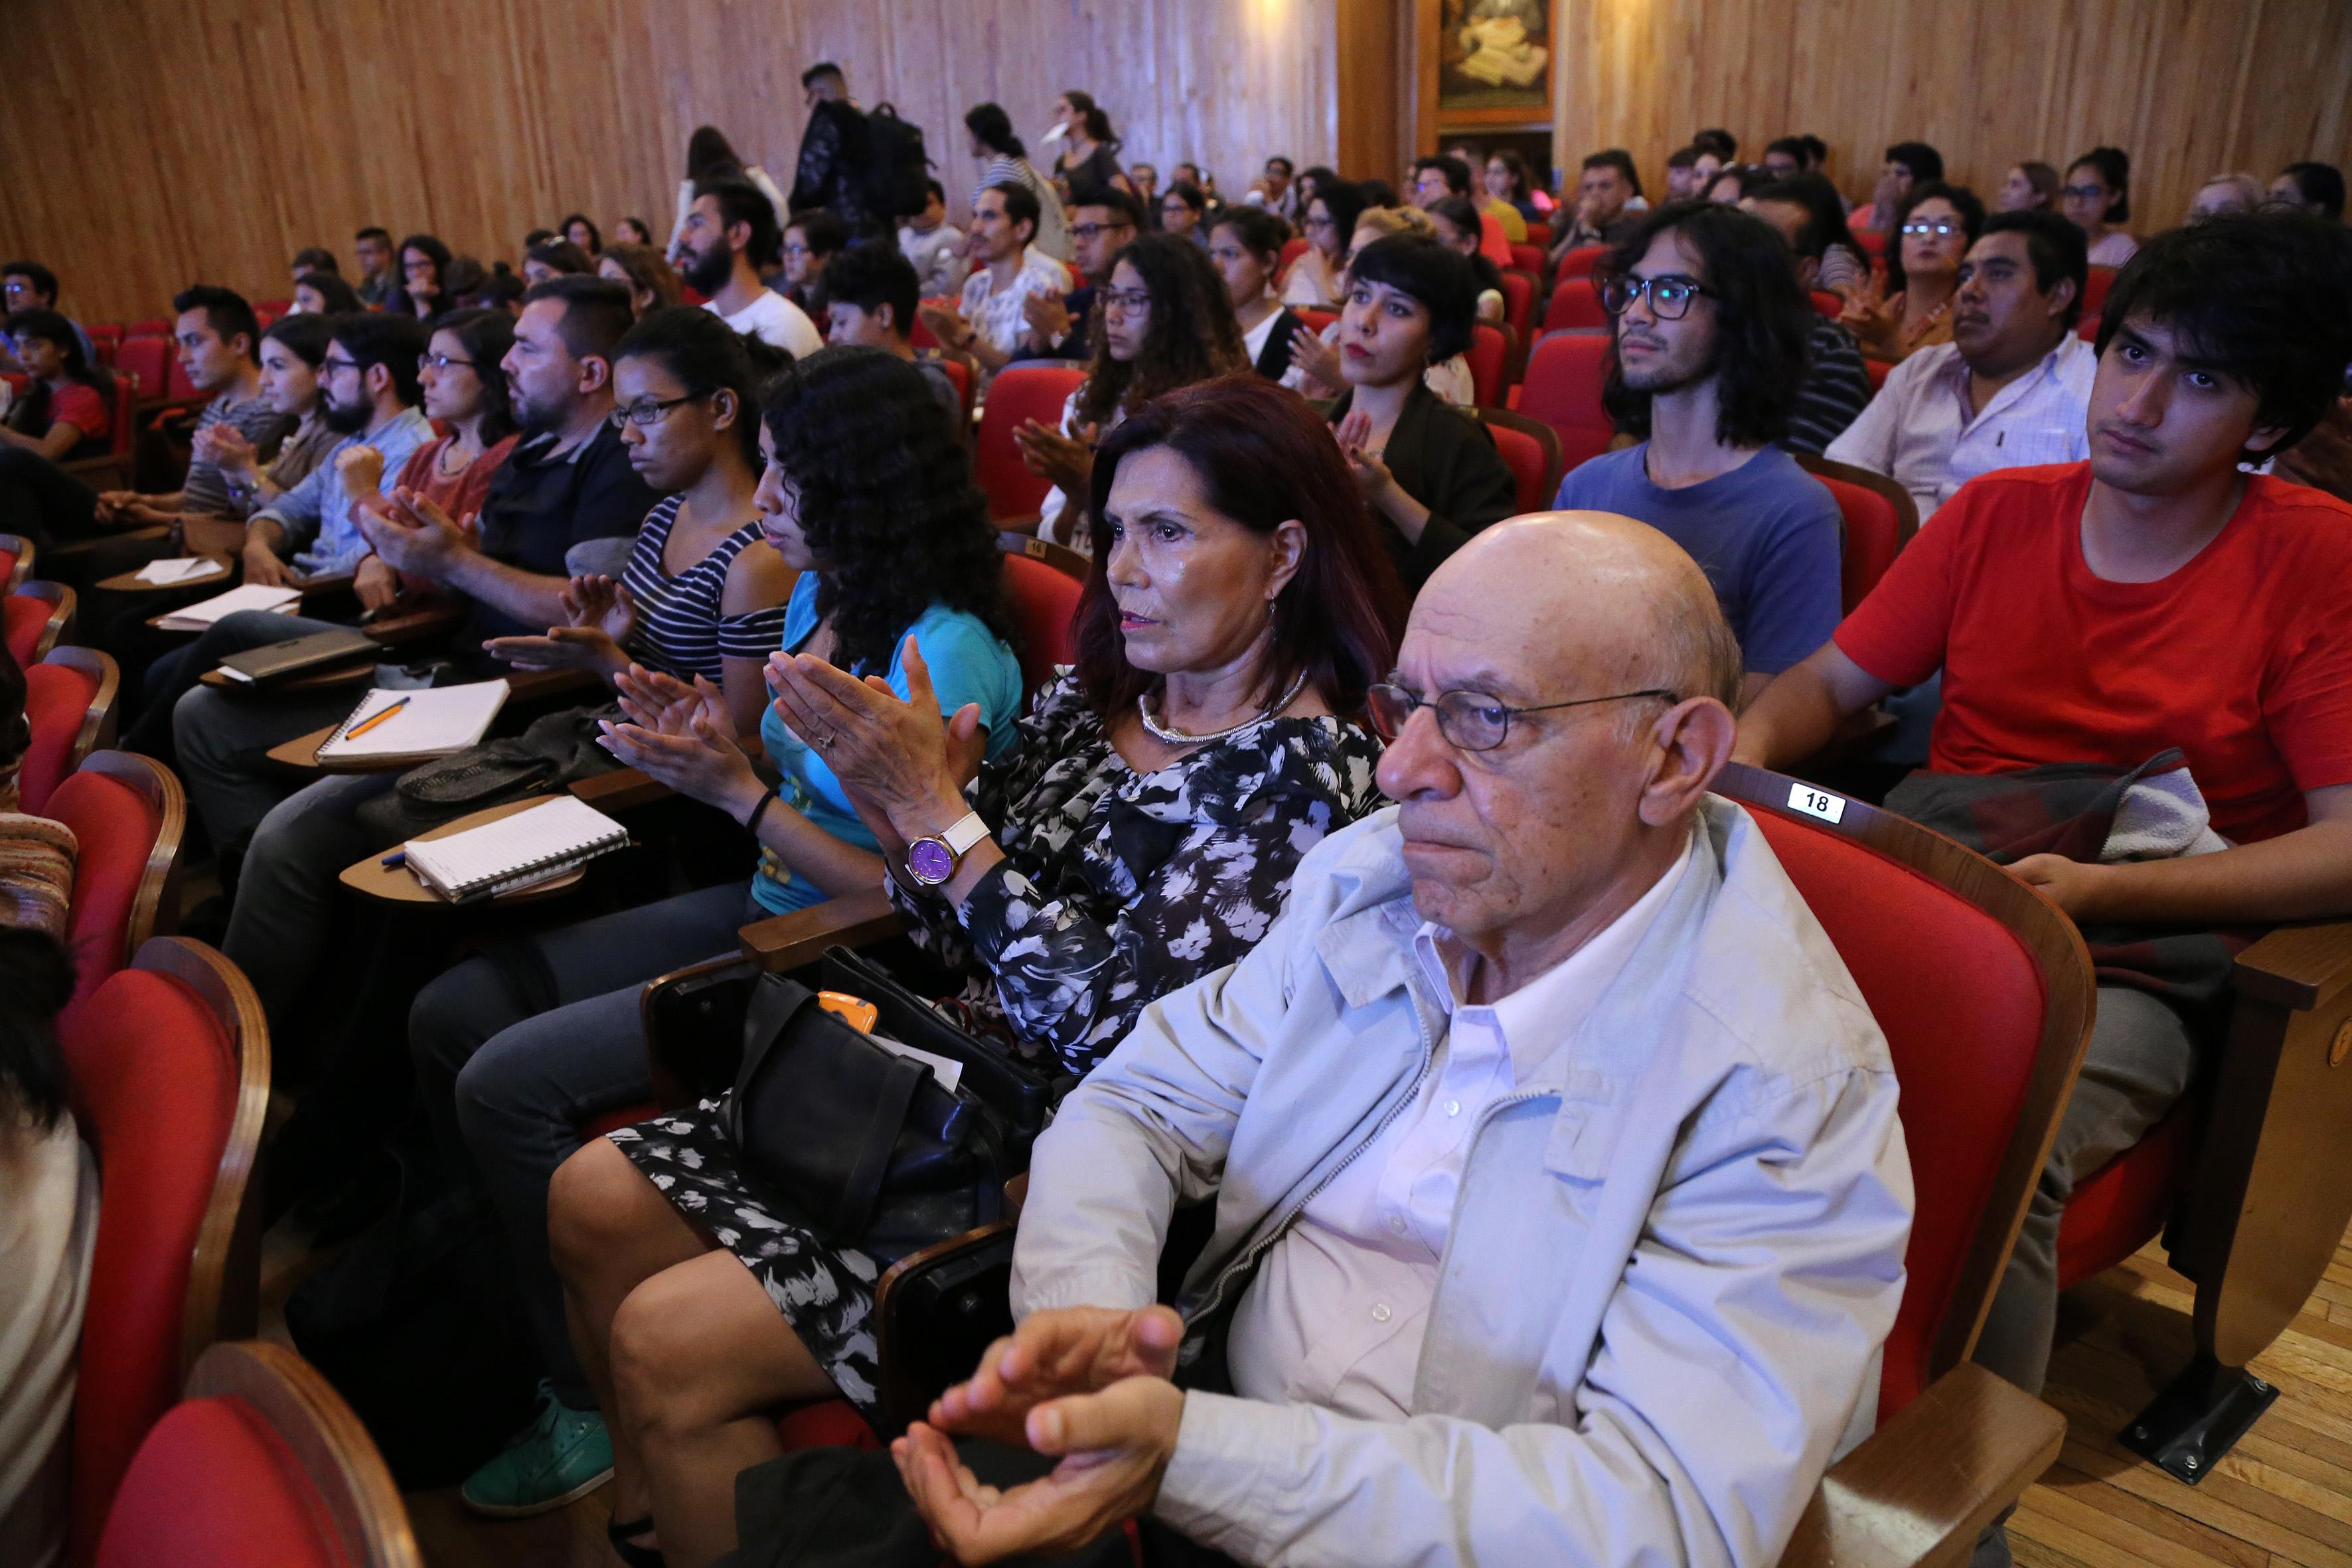 Vista panorámica asistente al evento, en el Paraninfo Enrique Díaz de León.